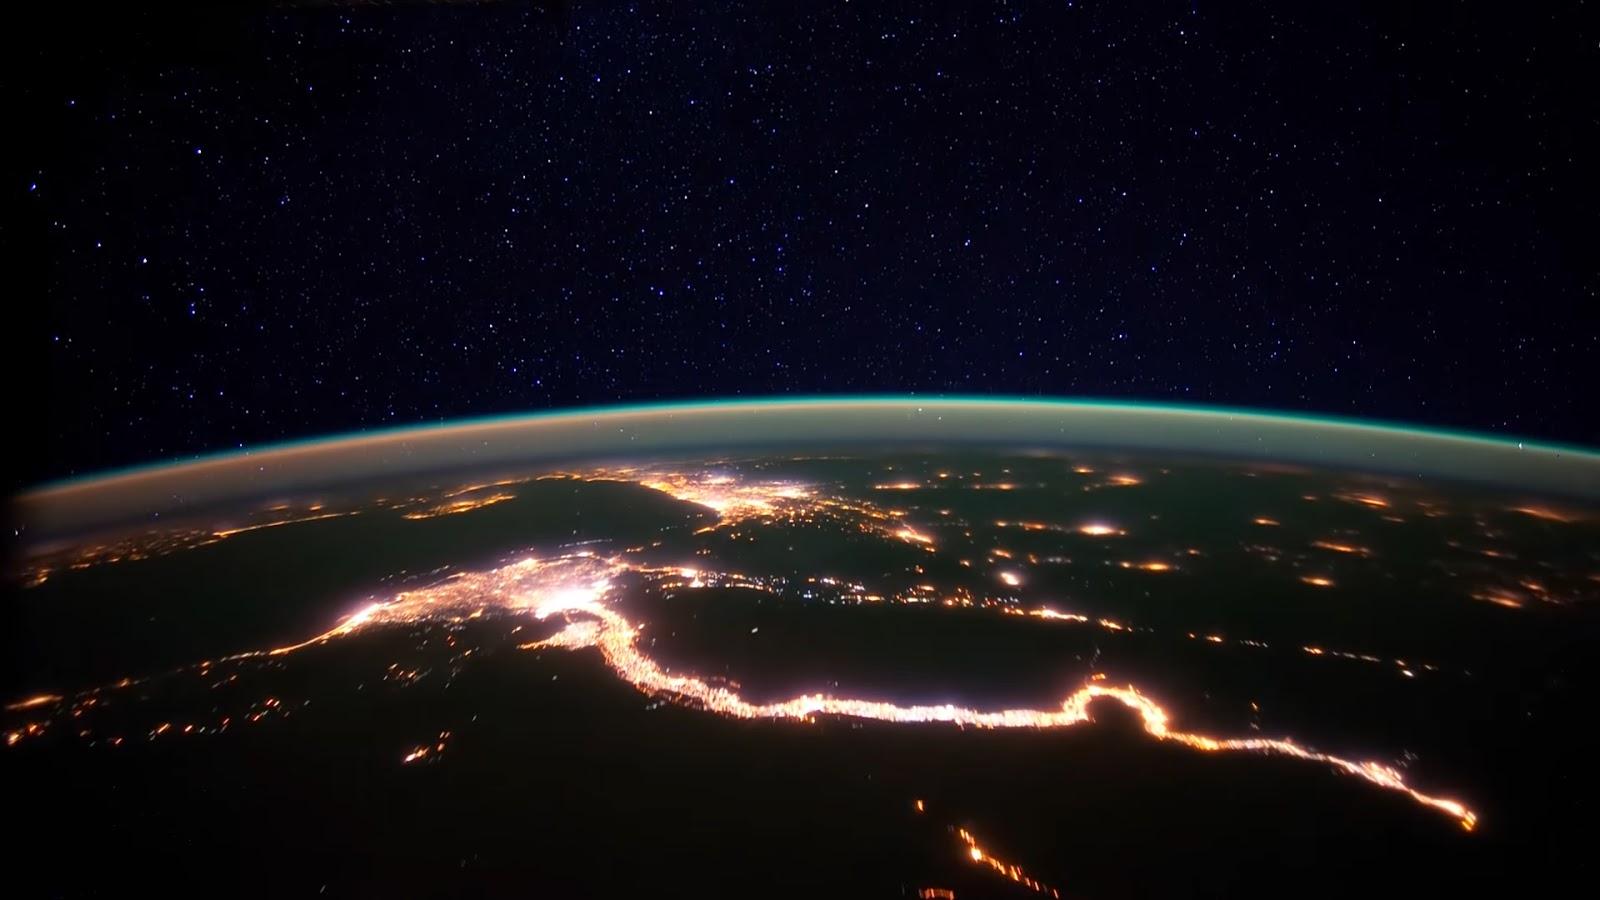 училась планета земля из космоса ночью фото искусственную ёлку